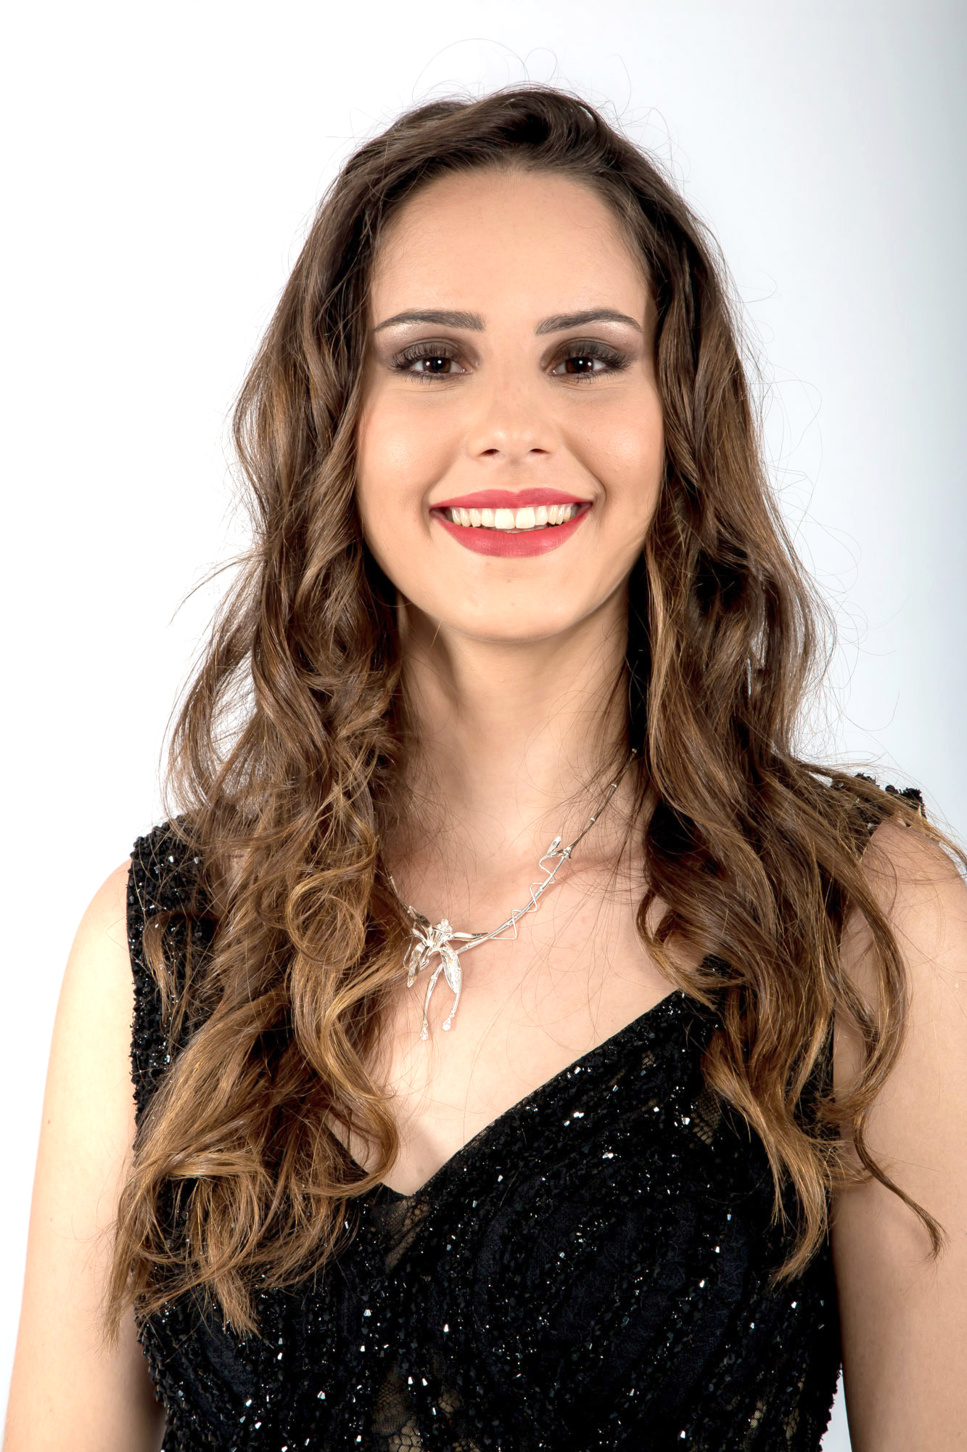 1. Cassandra Grondin